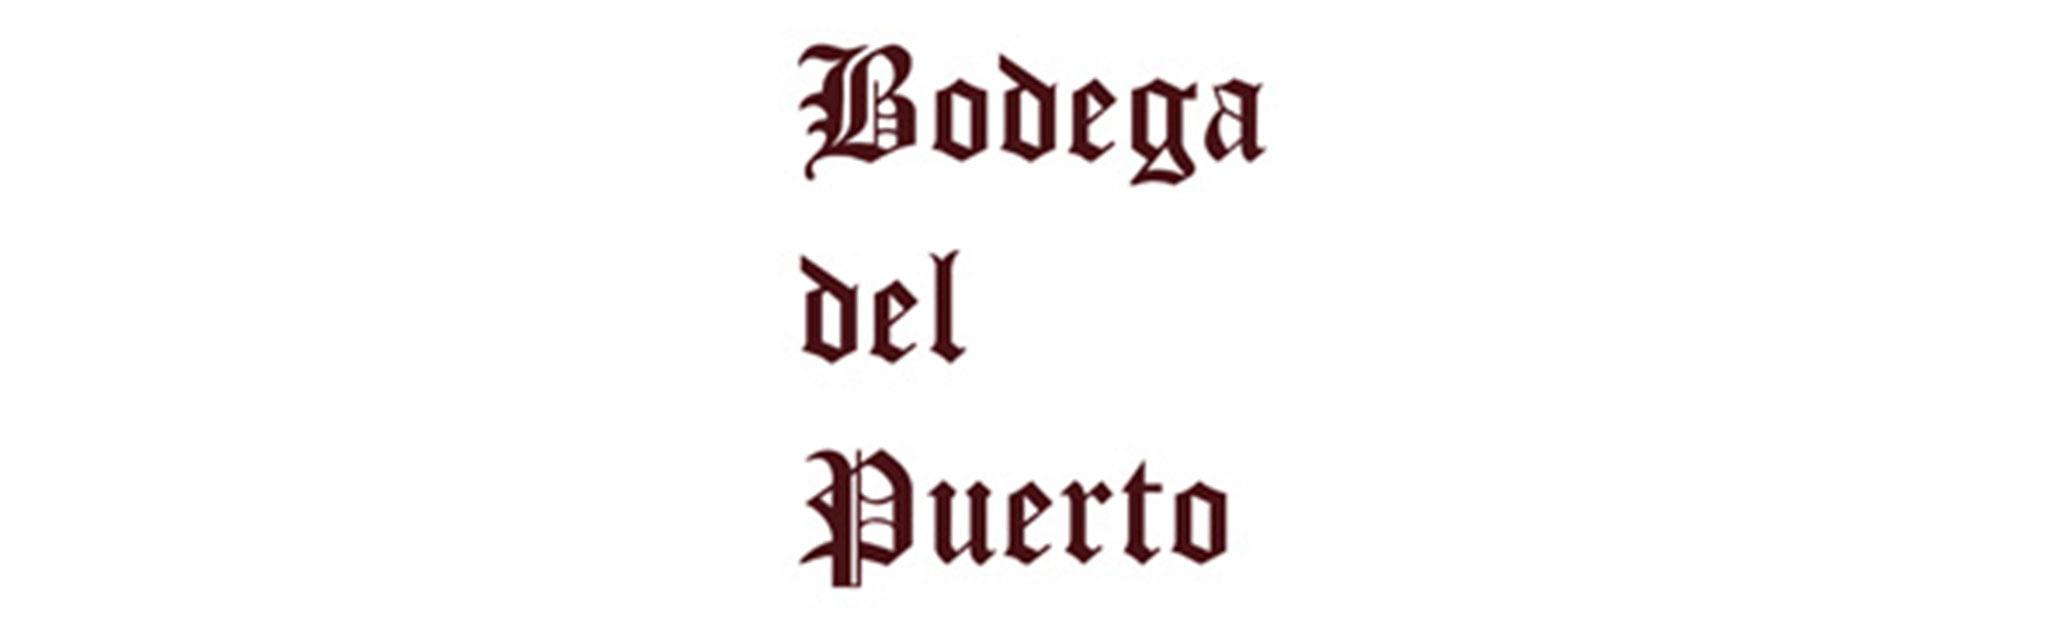 Logo de la Bodega del Puerto